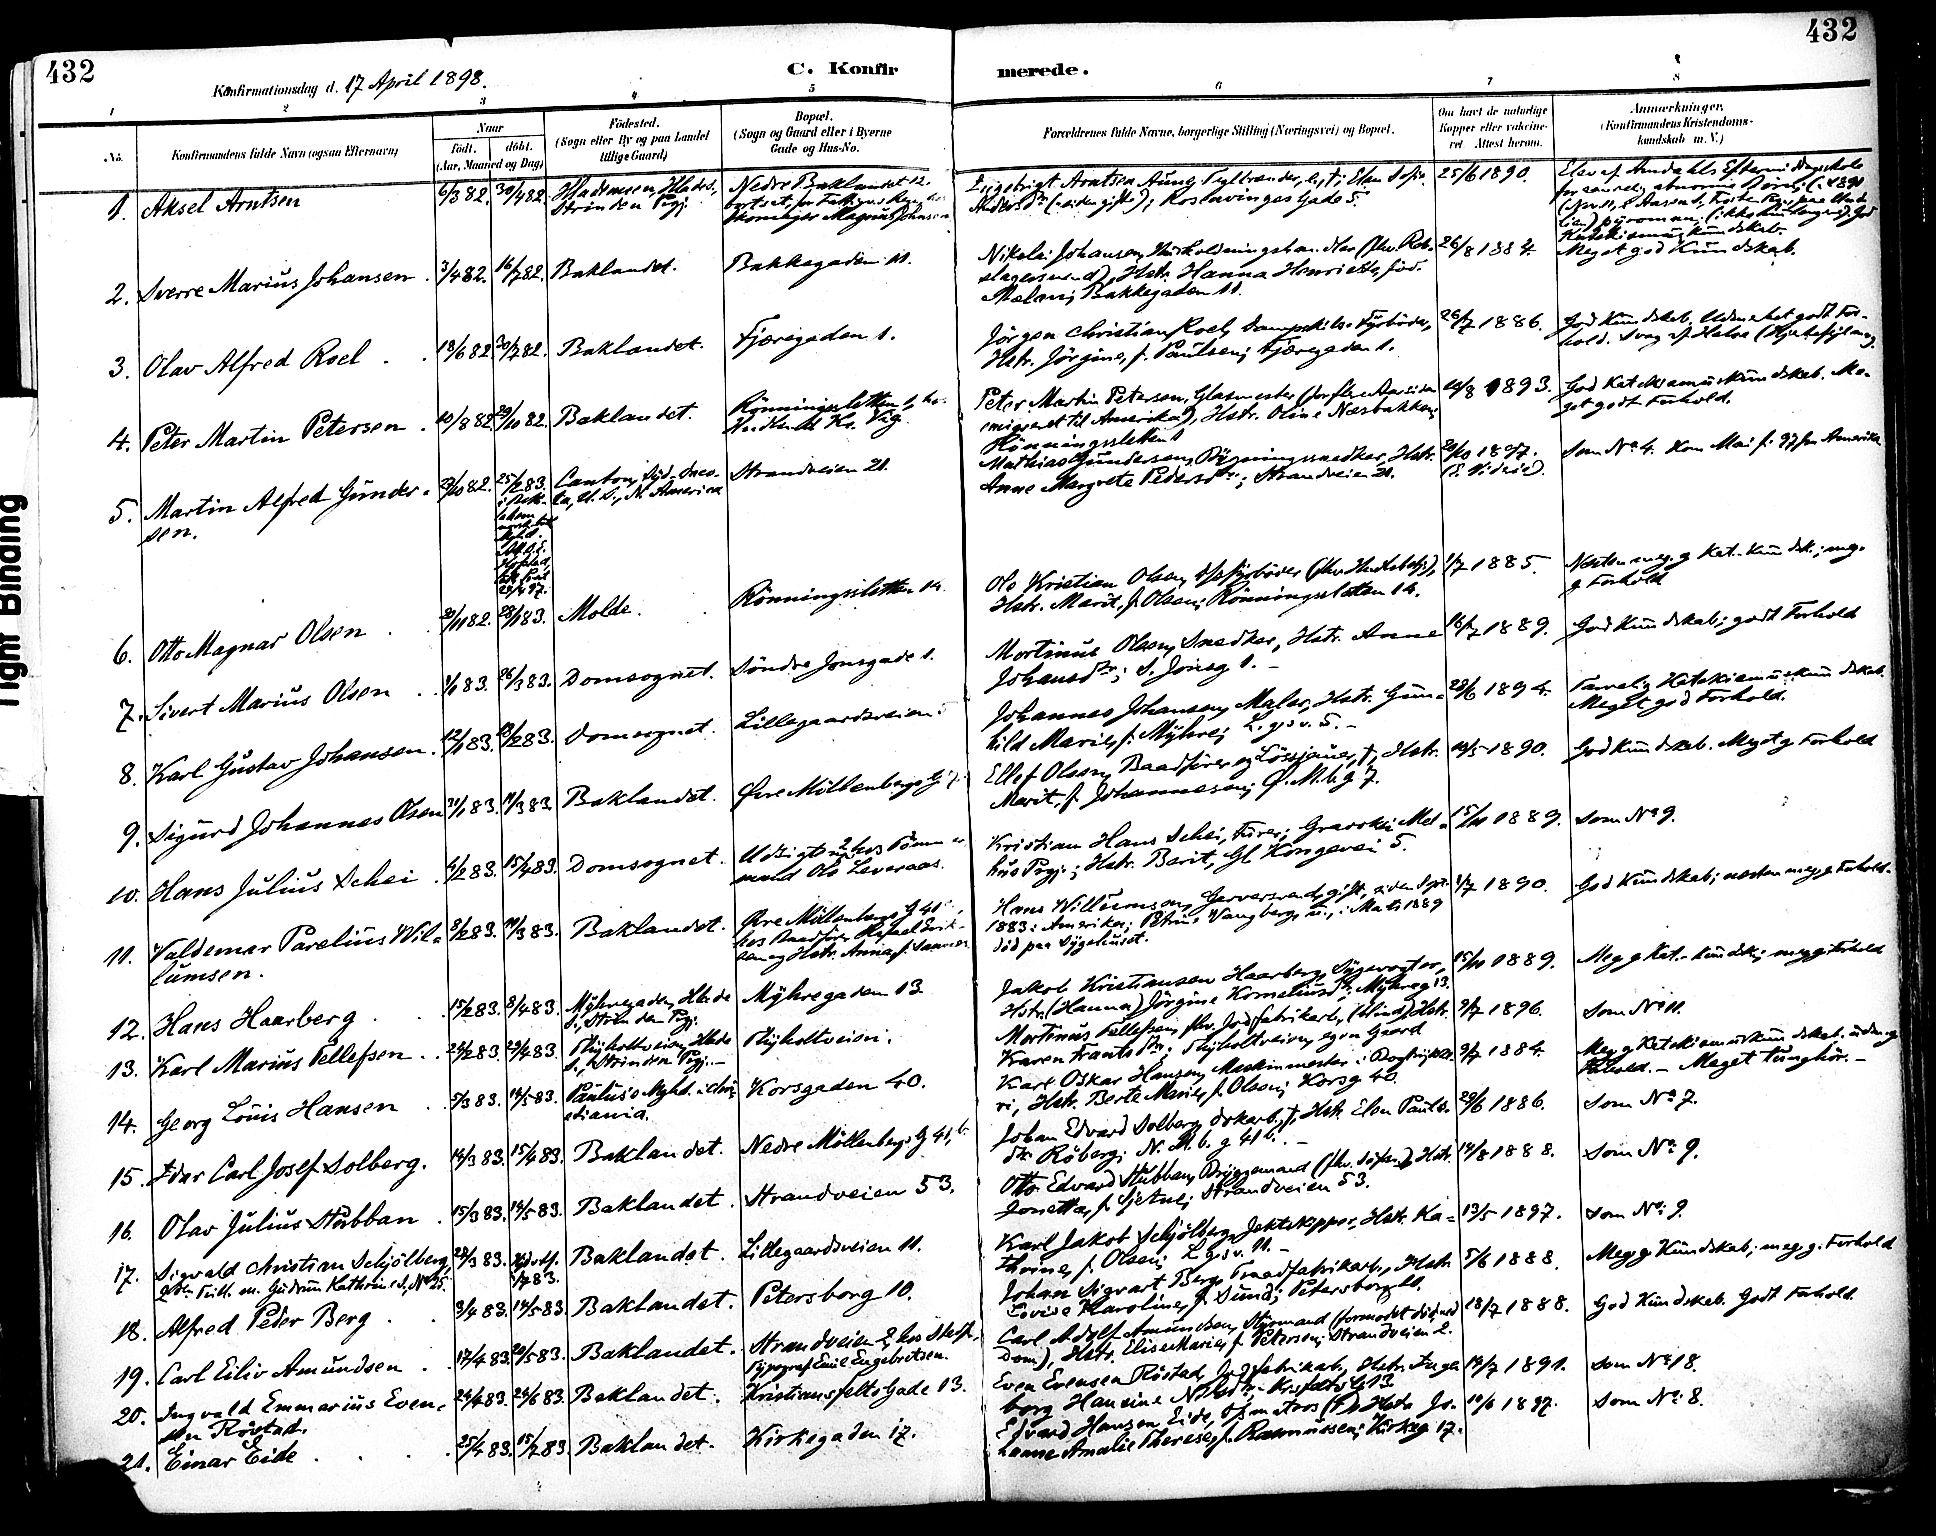 SAT, Ministerialprotokoller, klokkerbøker og fødselsregistre - Sør-Trøndelag, 604/L0197: Ministerialbok nr. 604A18, 1893-1900, s. 432